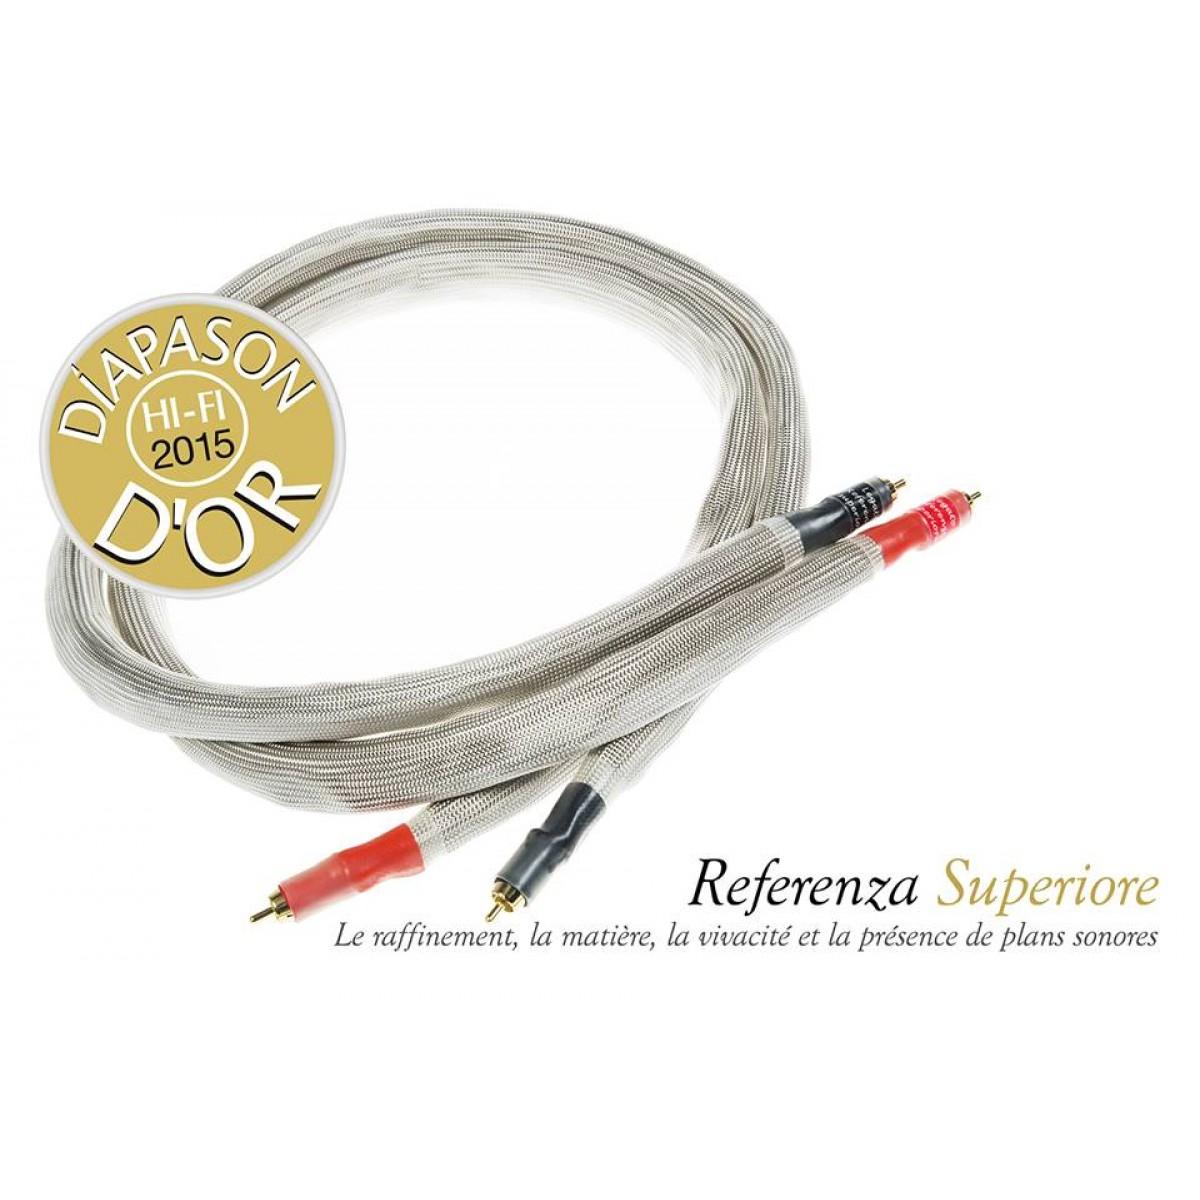 Legato Referenza Superiore modulation RCA-RCA